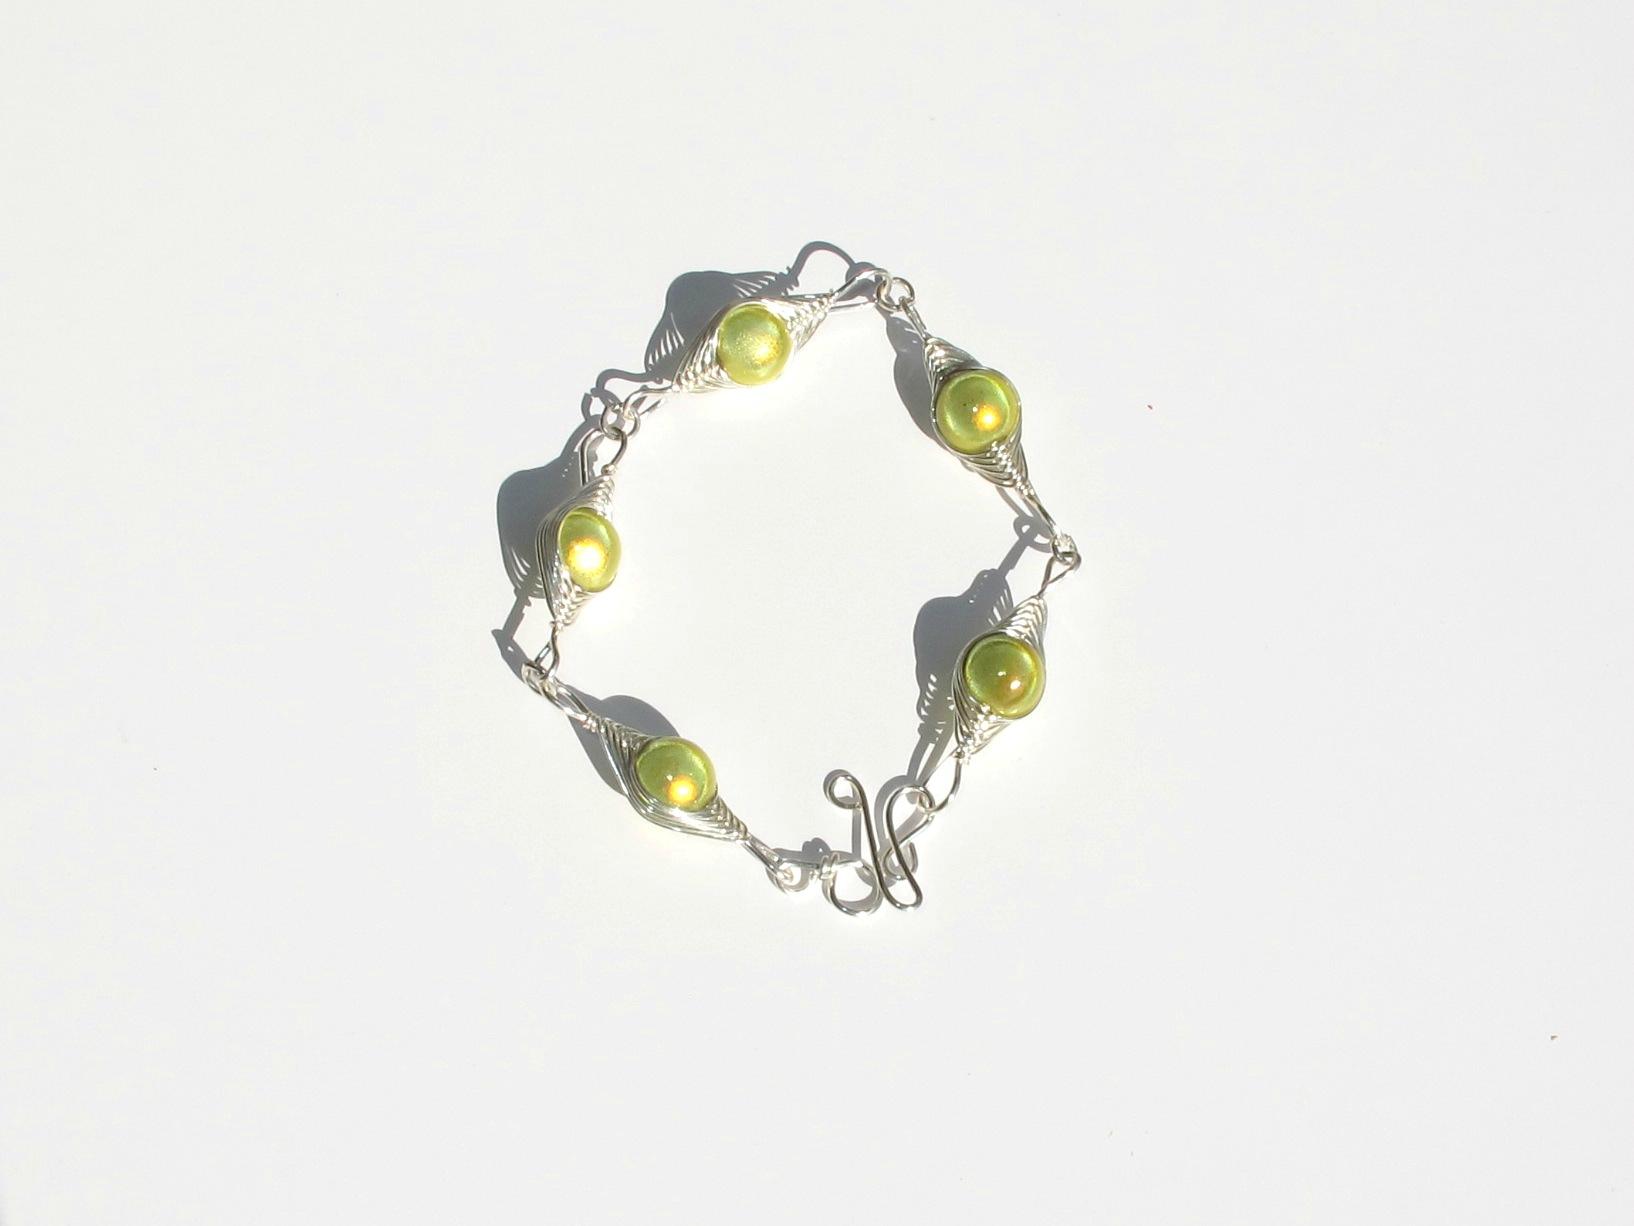 bracelet wire argent perles vert jaunes